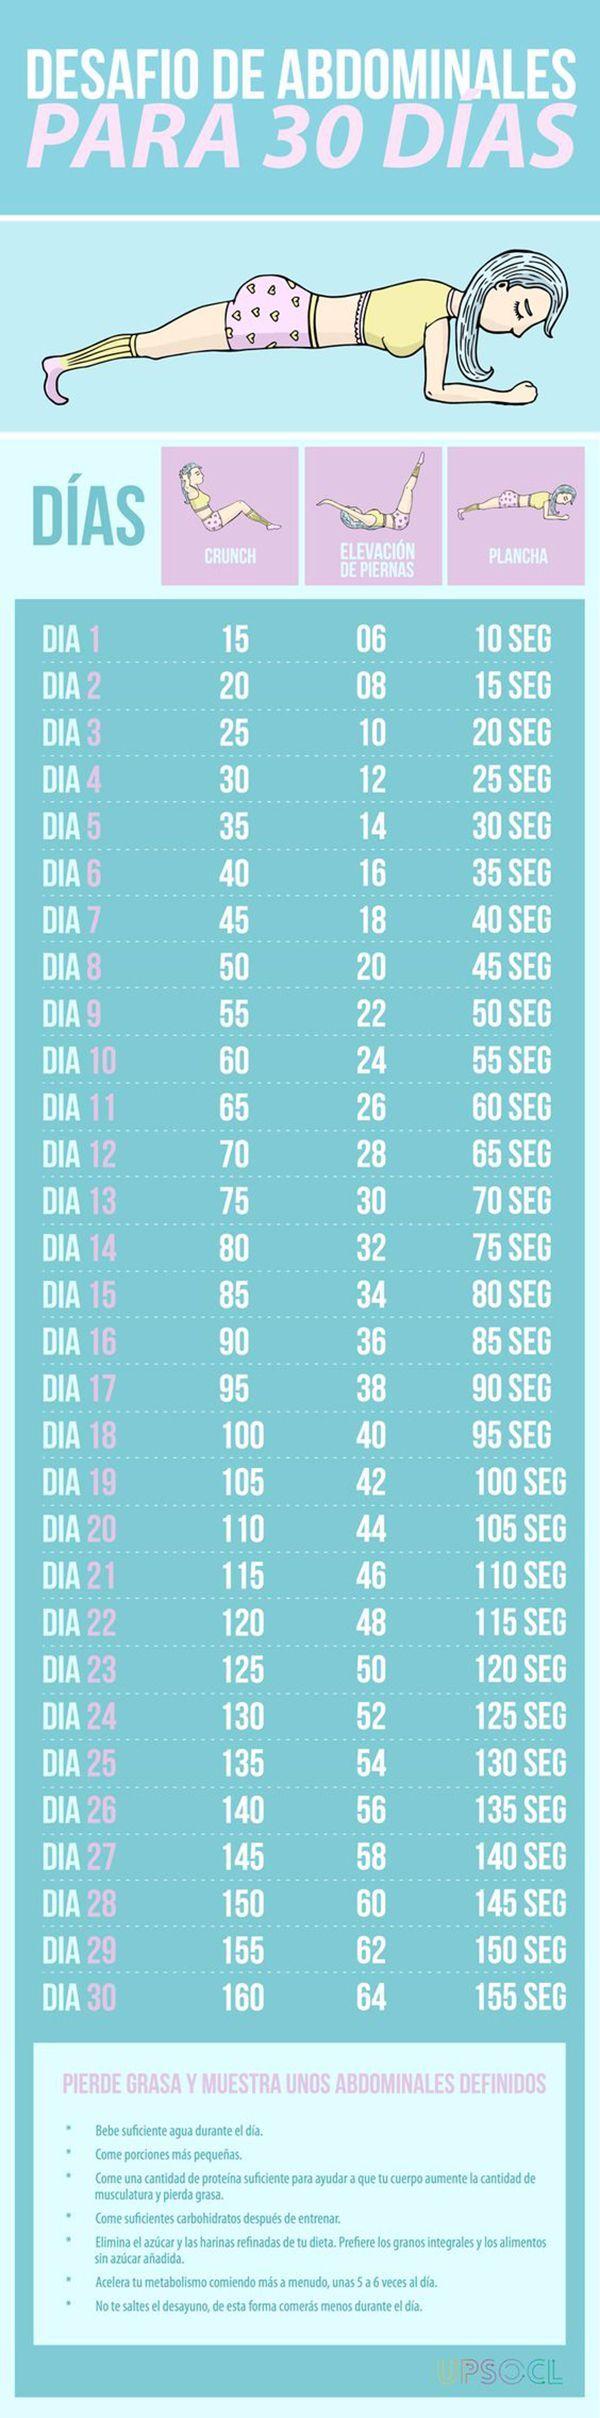 Reto con abdominales para 30 días de duro trabajo. #abdominales #infografias #deporte